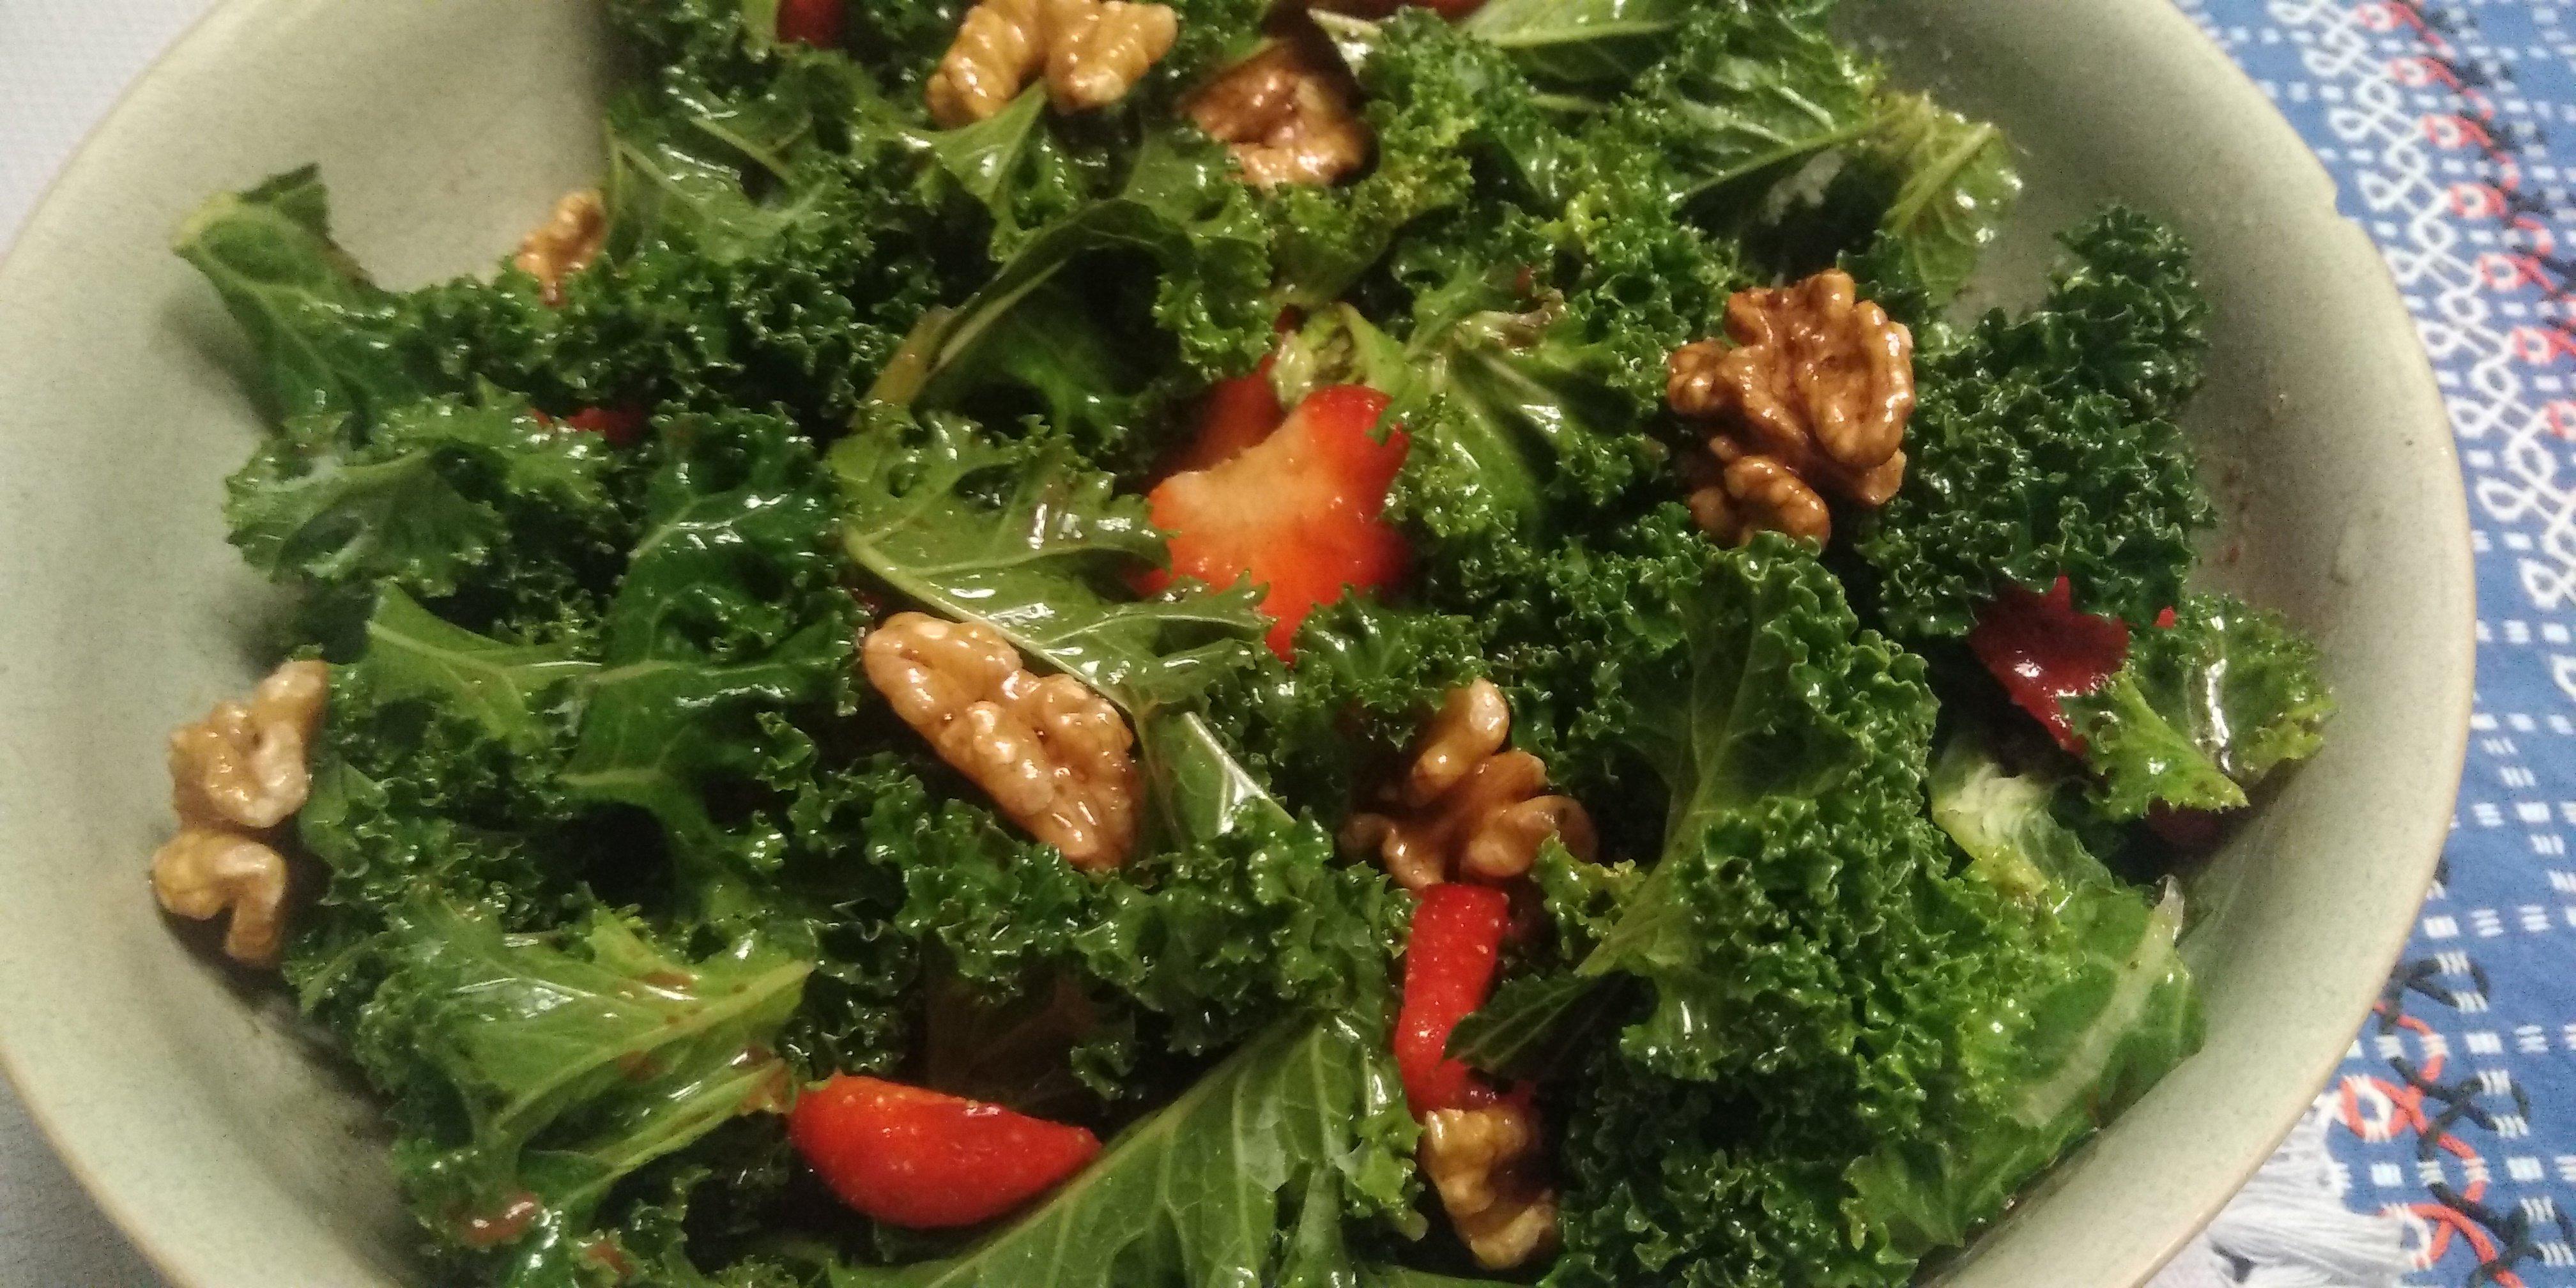 Salade van aardbeien, boerenkool en walnoten